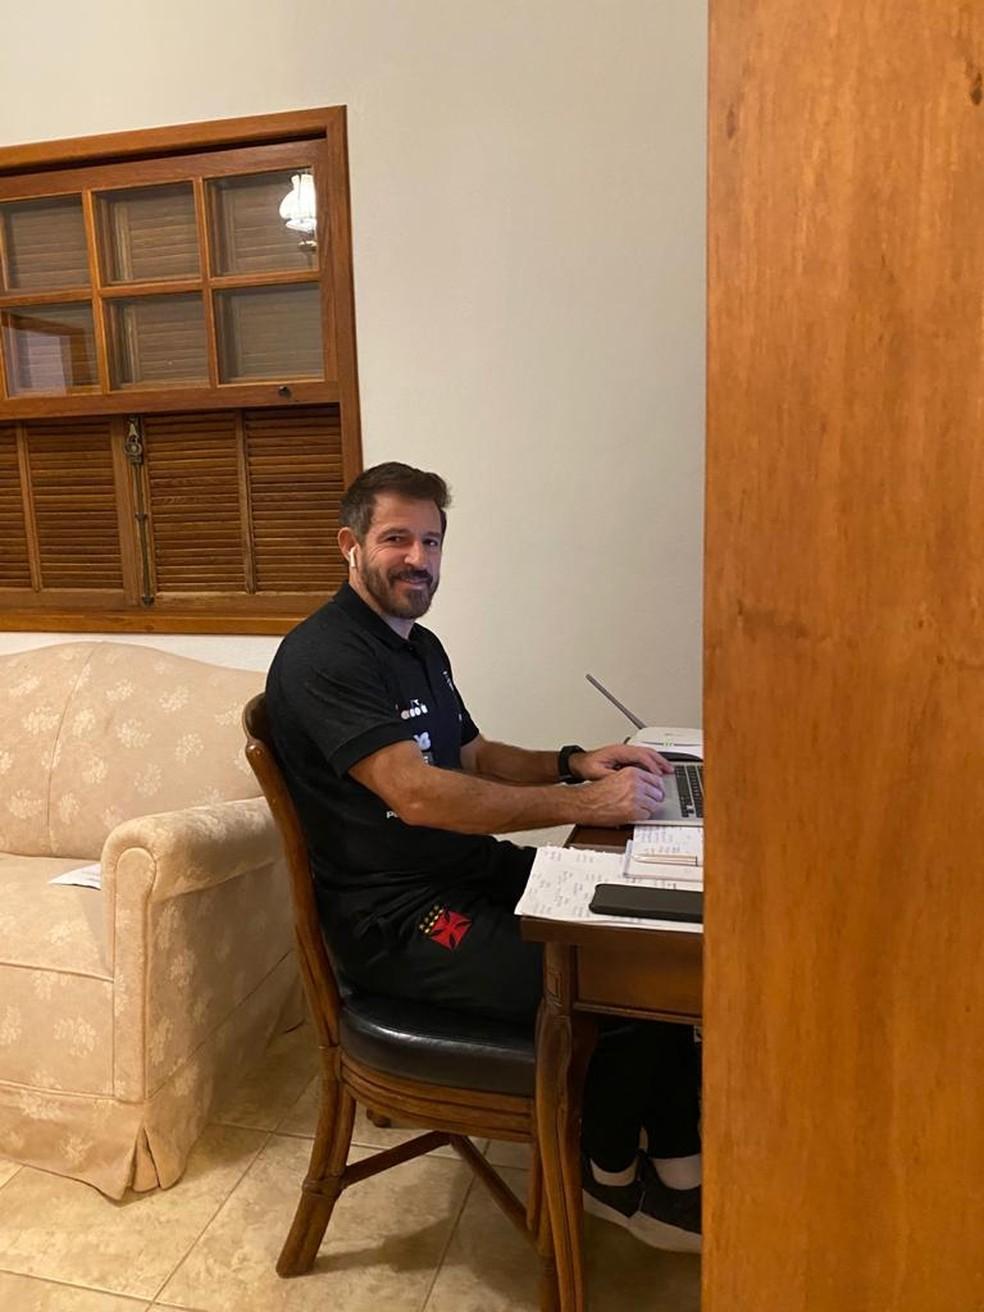 Ramon abre o sorriso enquanto planeja o complemento da temporada do Vasco — Foto: Divulgação